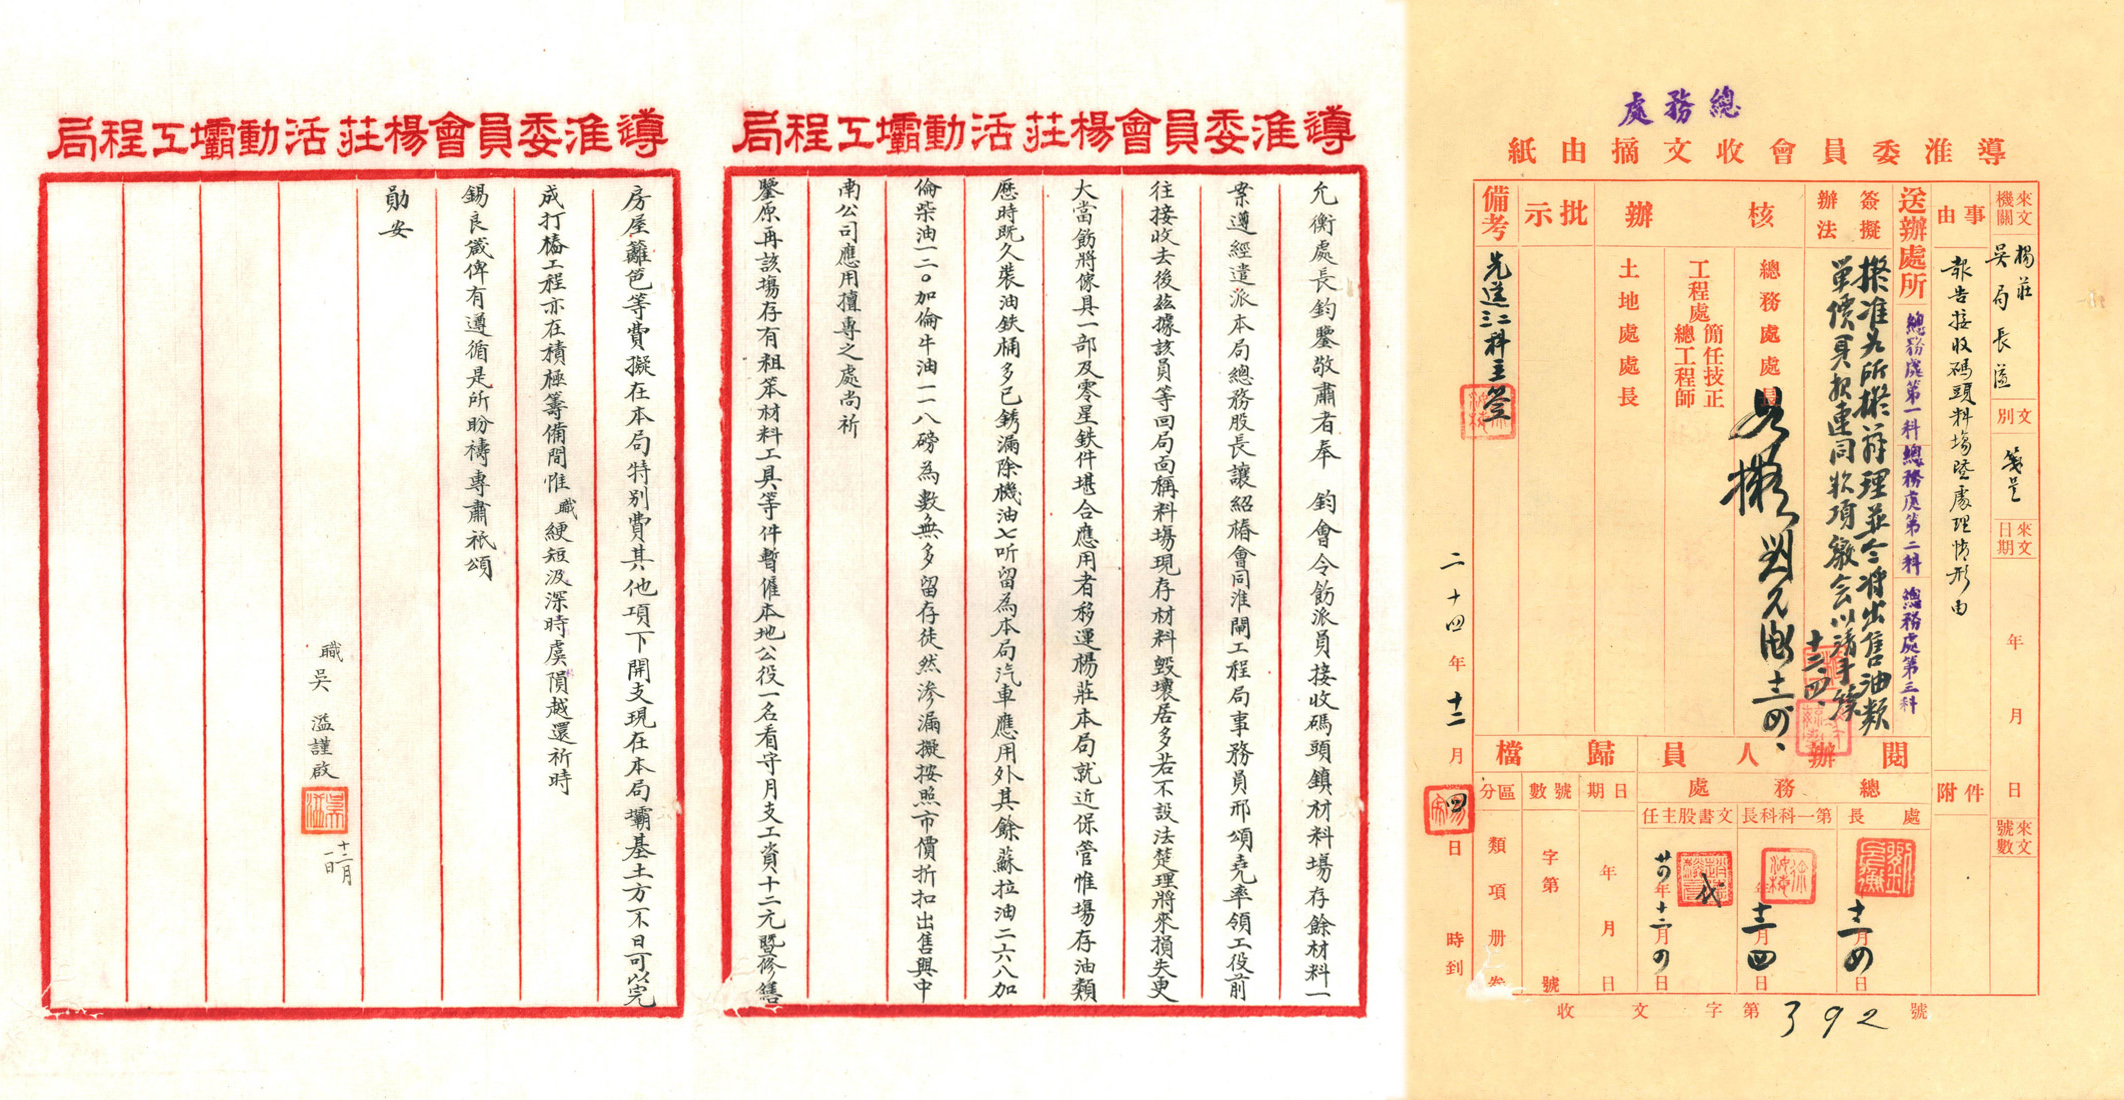 民國24年12月,導淮委員會楊莊活動壩工程局局長吳溢箋呈